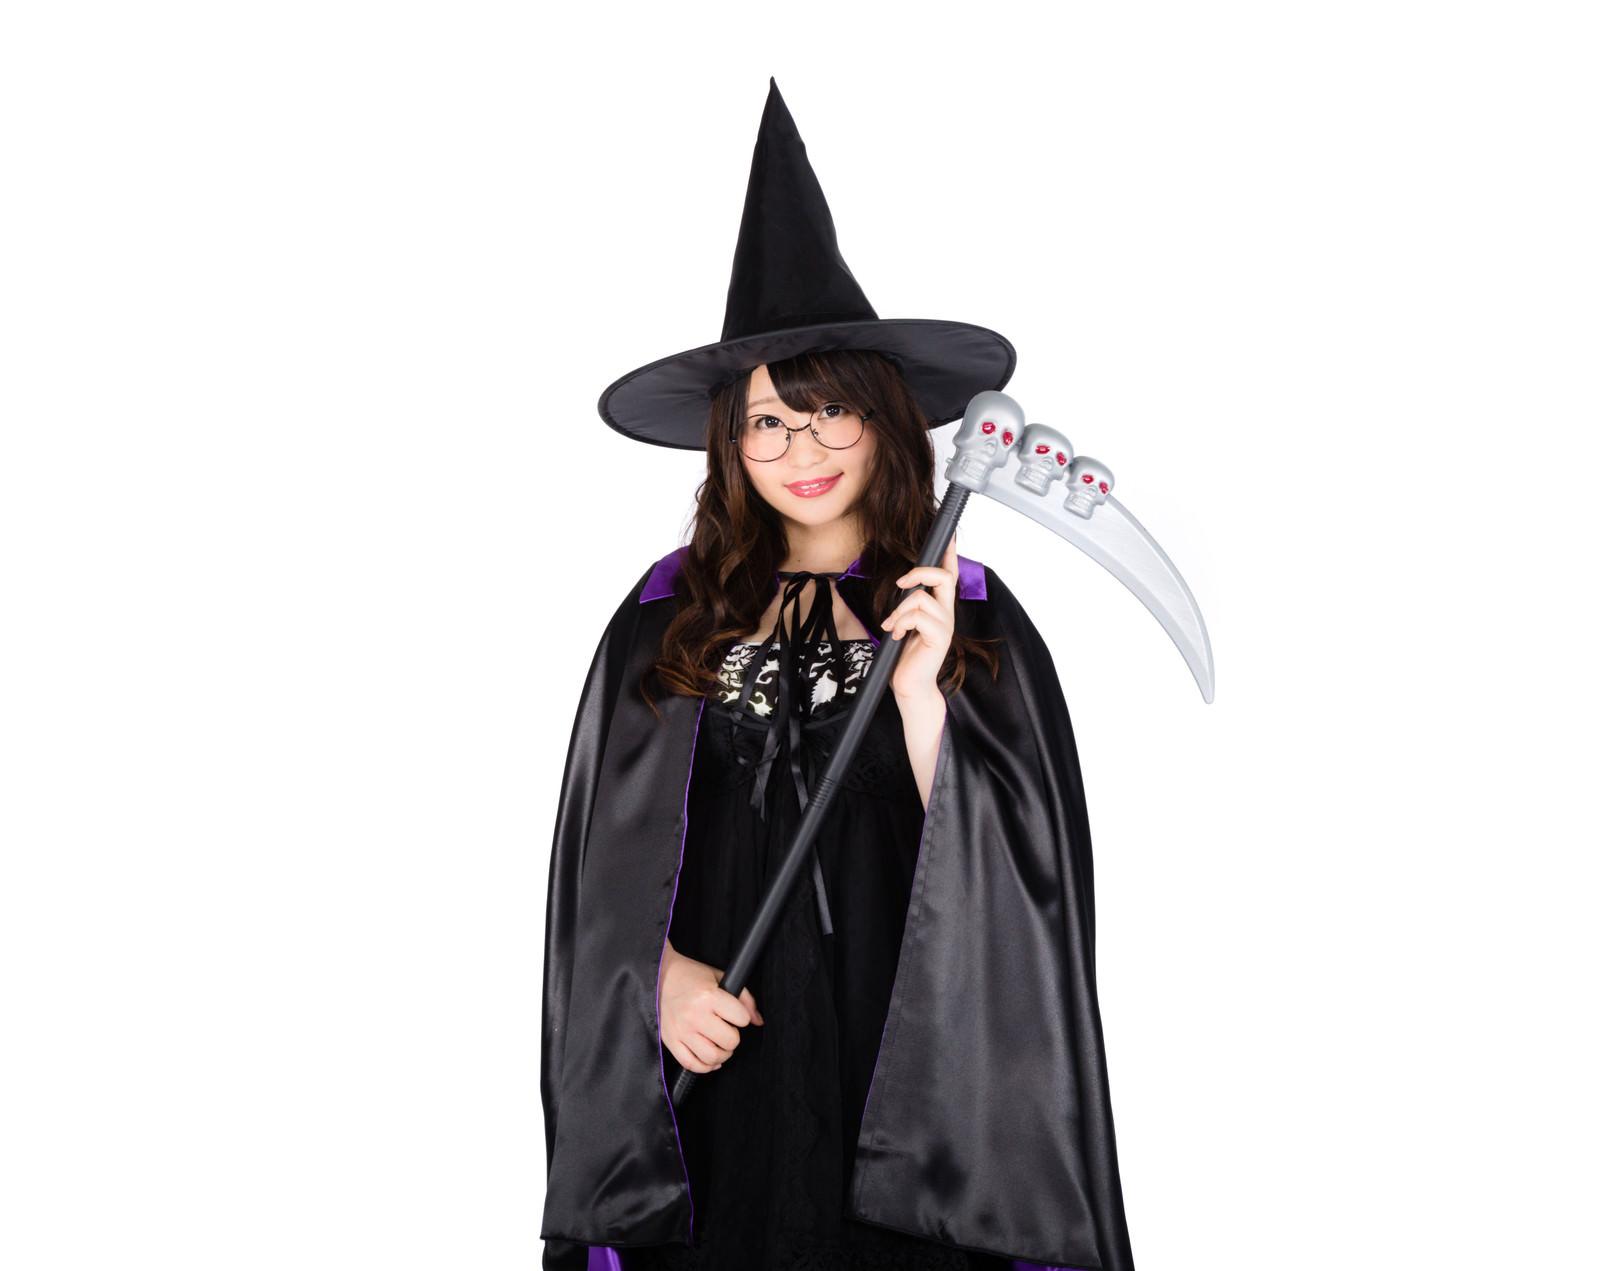 「魔女のハロウィングッズを着こなす女性魔女のハロウィングッズを着こなす女性」[モデル:茜さや]のフリー写真素材を拡大